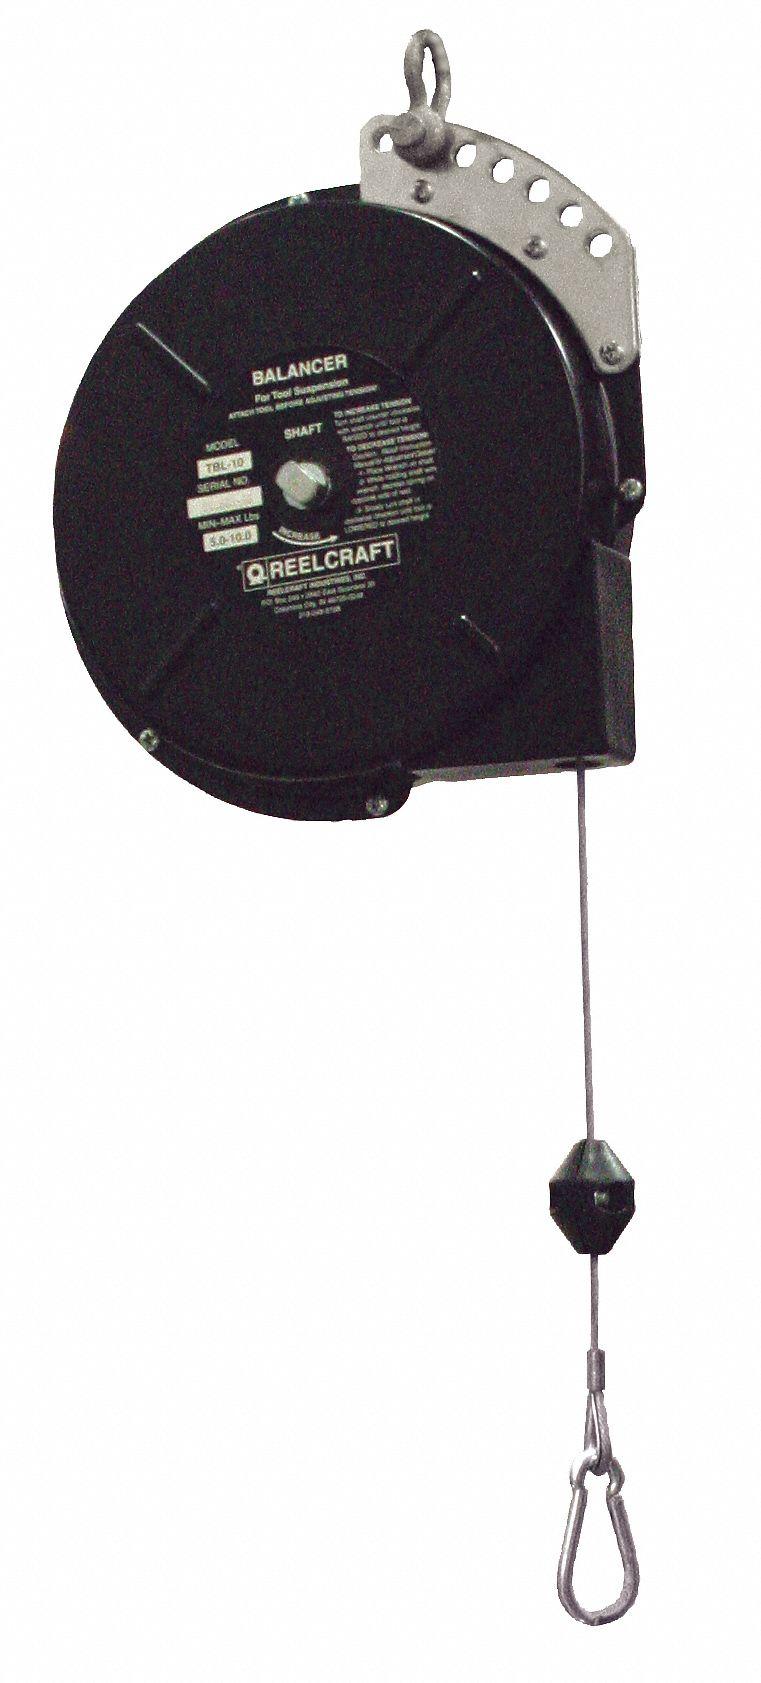 8/' ARO Balancer Replacement Cable E-35